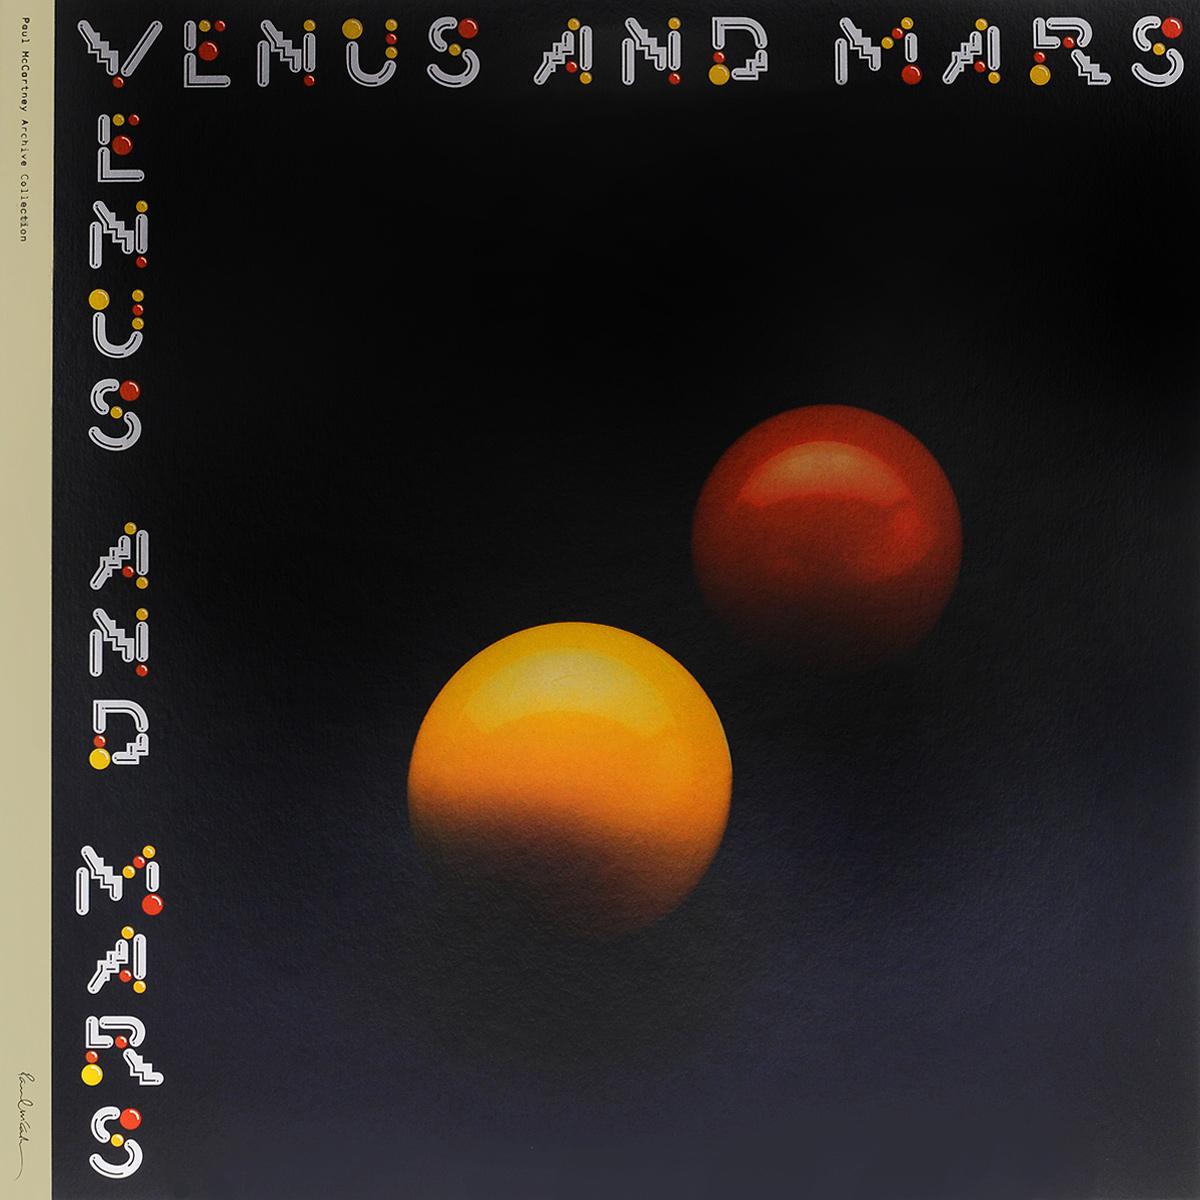 Пол Маккартни,Wings Wings. Venus And Mars. Audiophile Vinyl Edition (2 LP) mars and venus in love